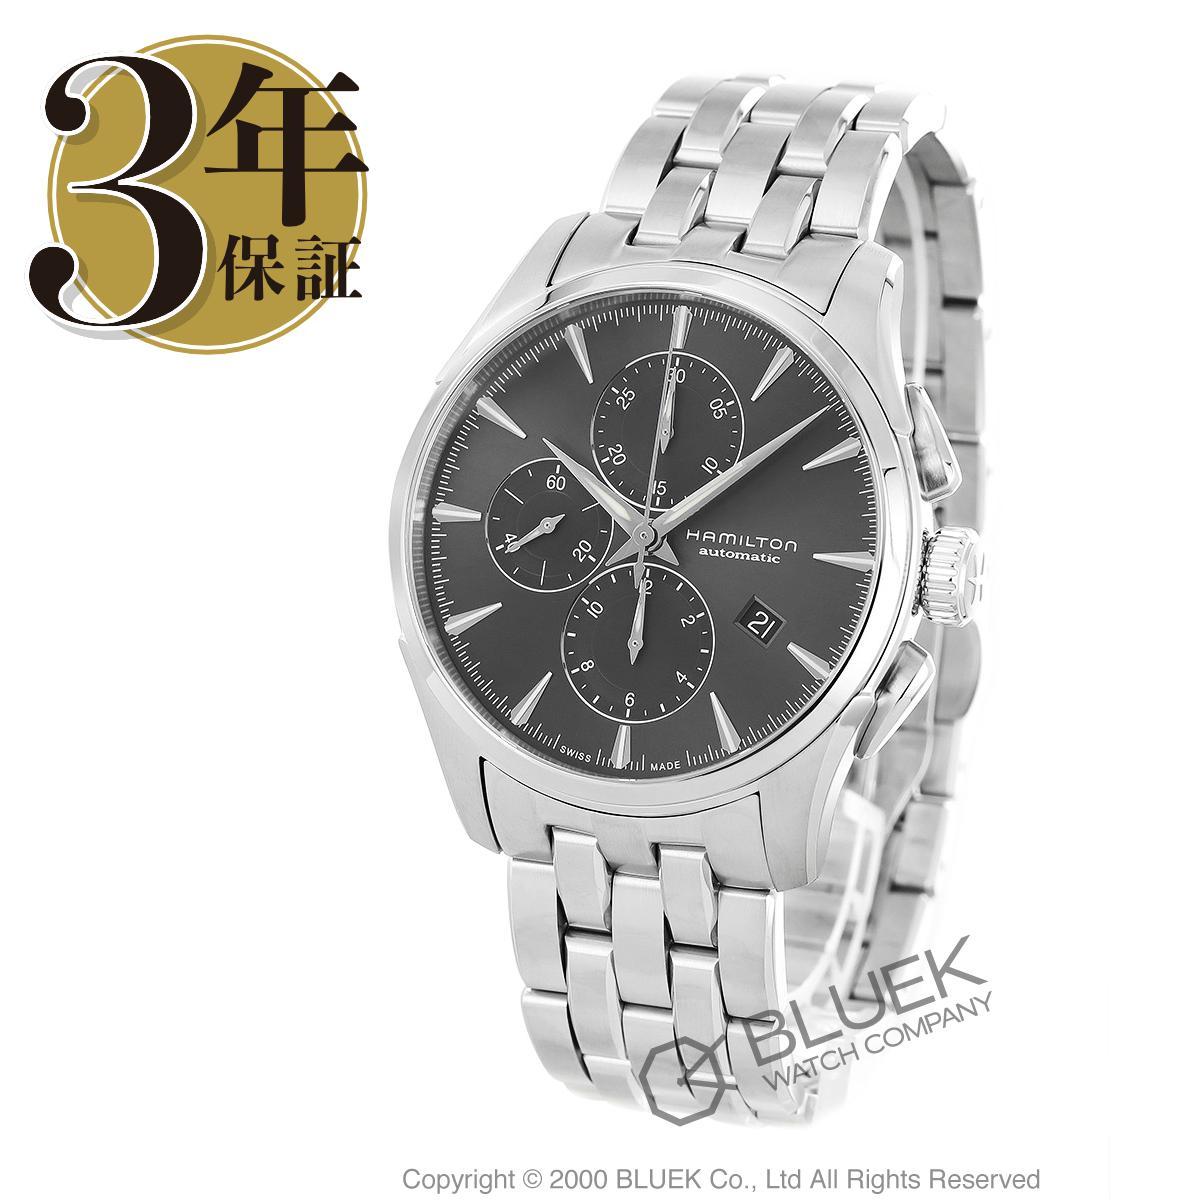 ハミルトン ジャズマスター オート クロノ クロノグラフ 腕時計 メンズ HAMILTON H32586181_3